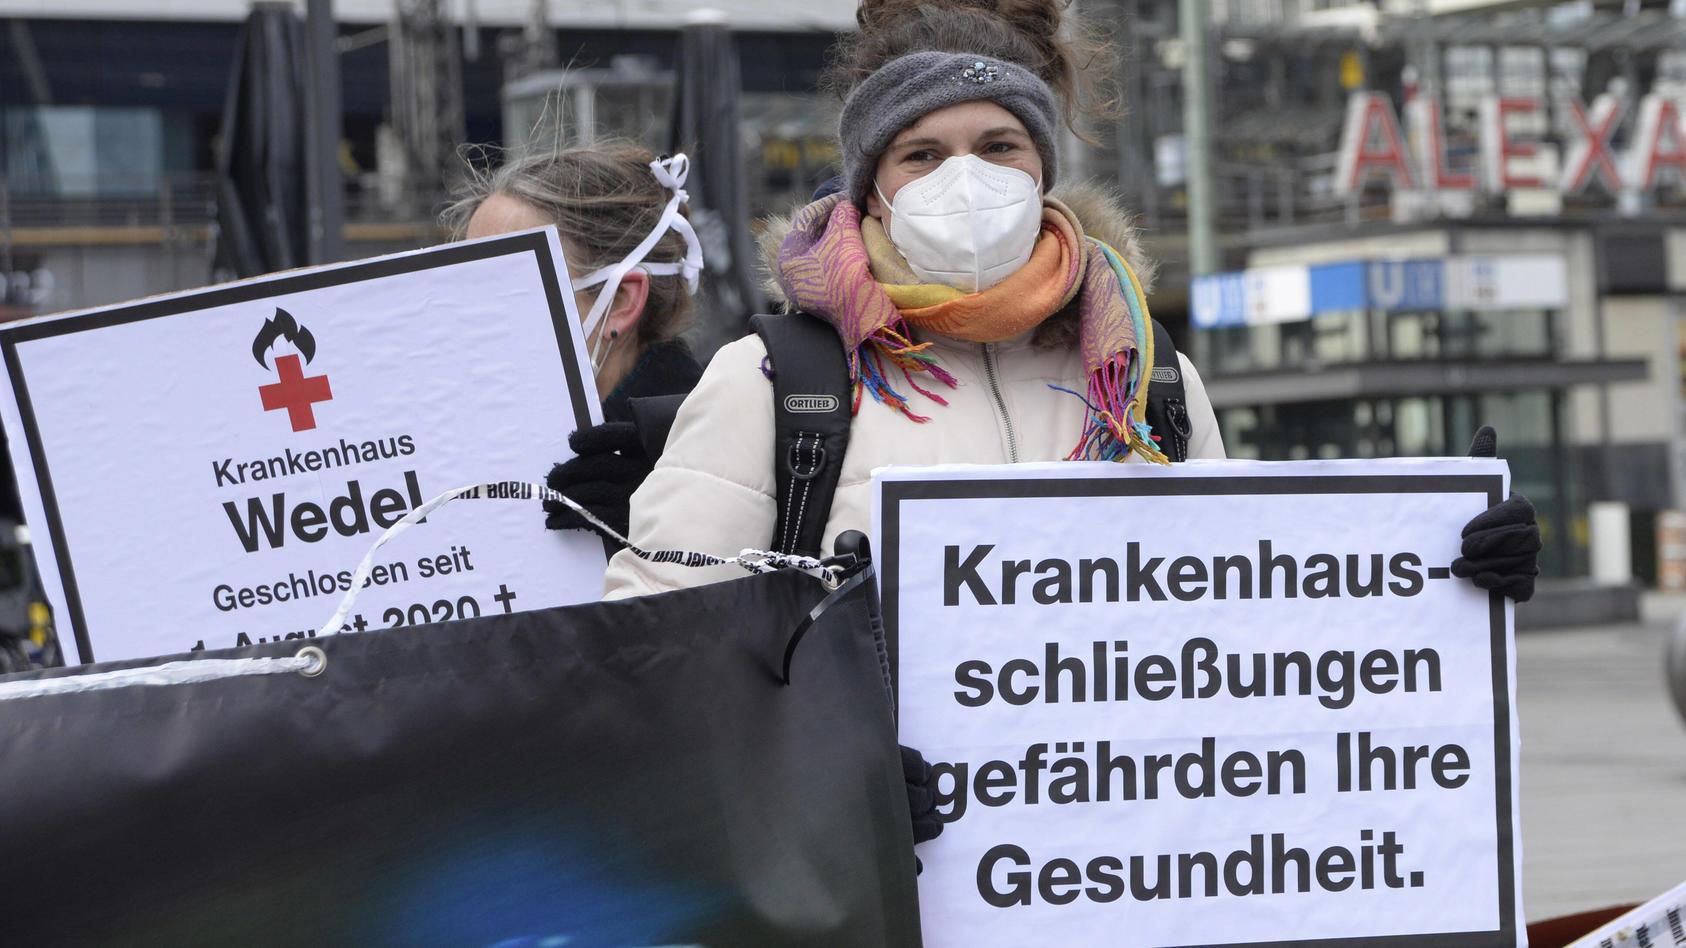 Das Bündnis Klinikrettung demonstriert auf dem Alexanderplatz gegen bundesweite Klinikschließungen.